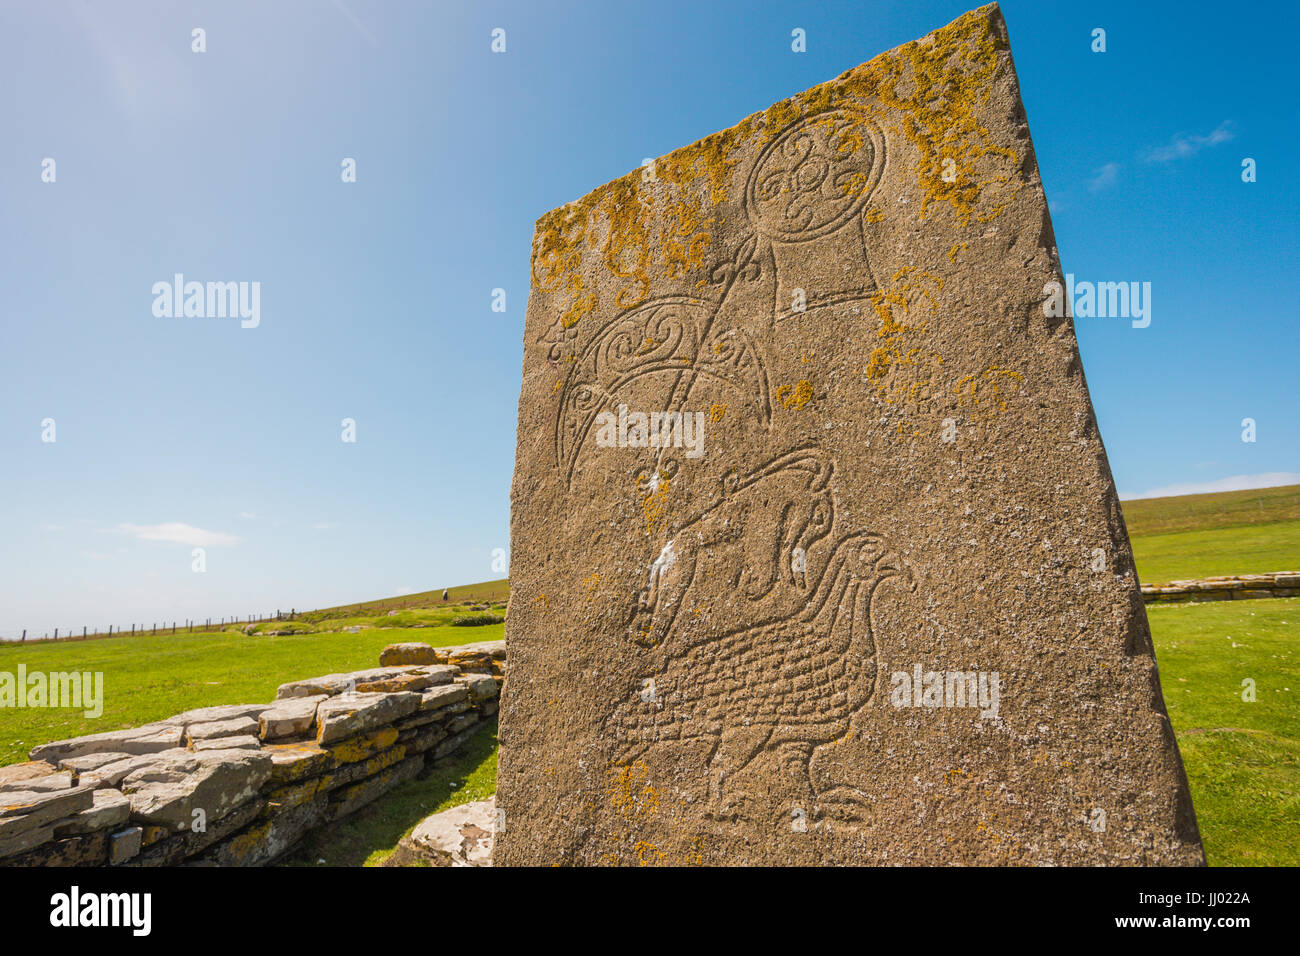 Pictish symbol stone, Brough of Birsay, Orkney Scotland UK Stock Photo